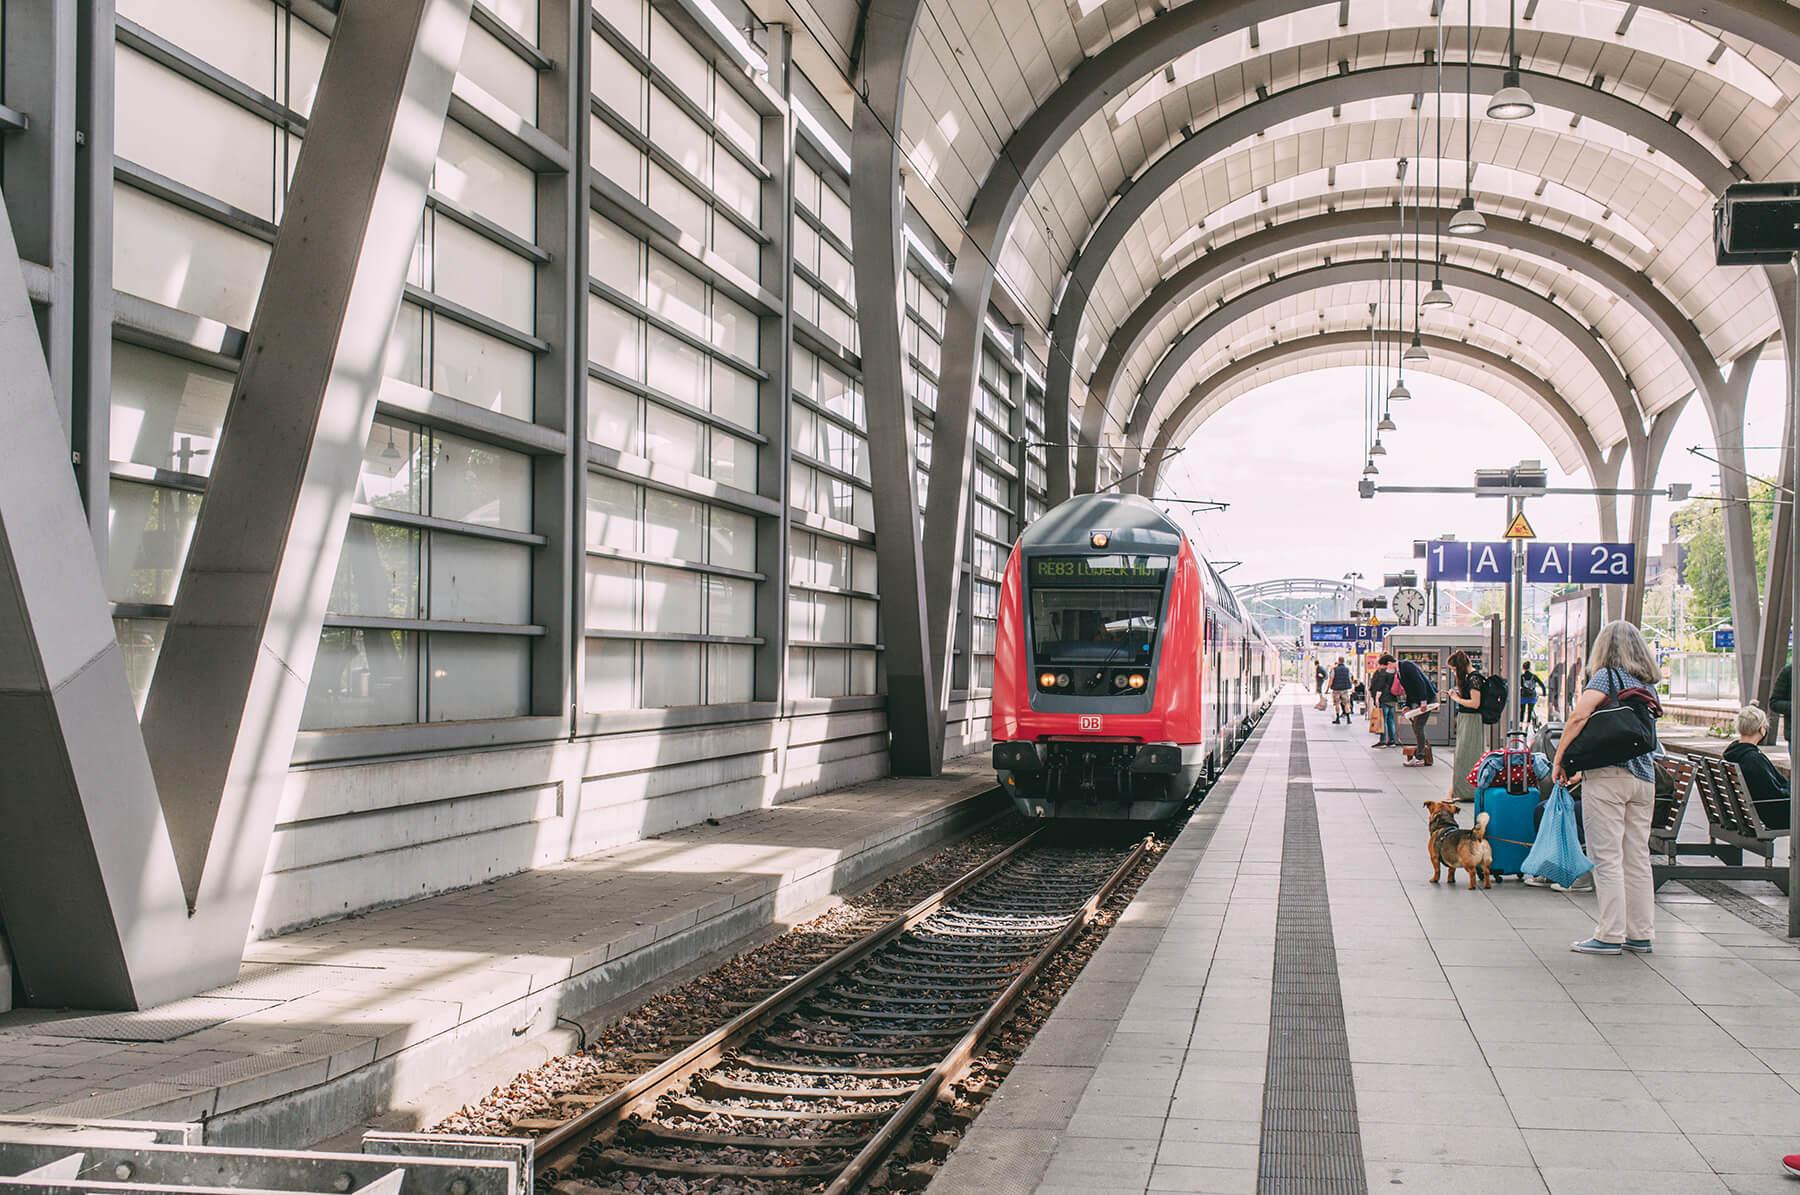 Zug im Bahnhof Kiel